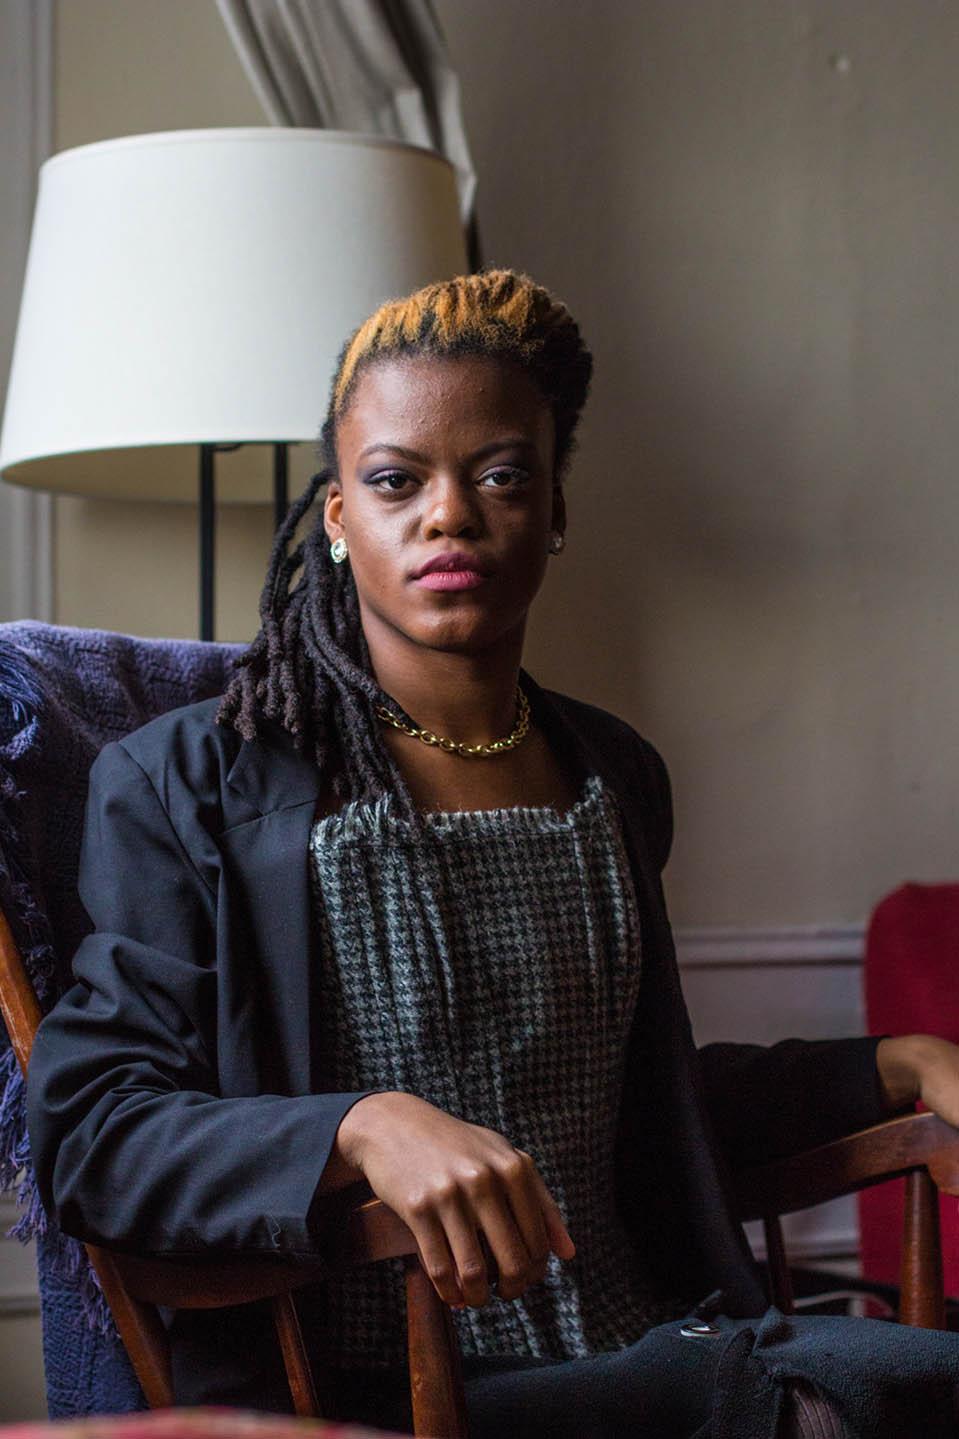 griot-mag-Limit(less)   Mikael Owunna racconta la realtà LGBTQ della diaspora africana